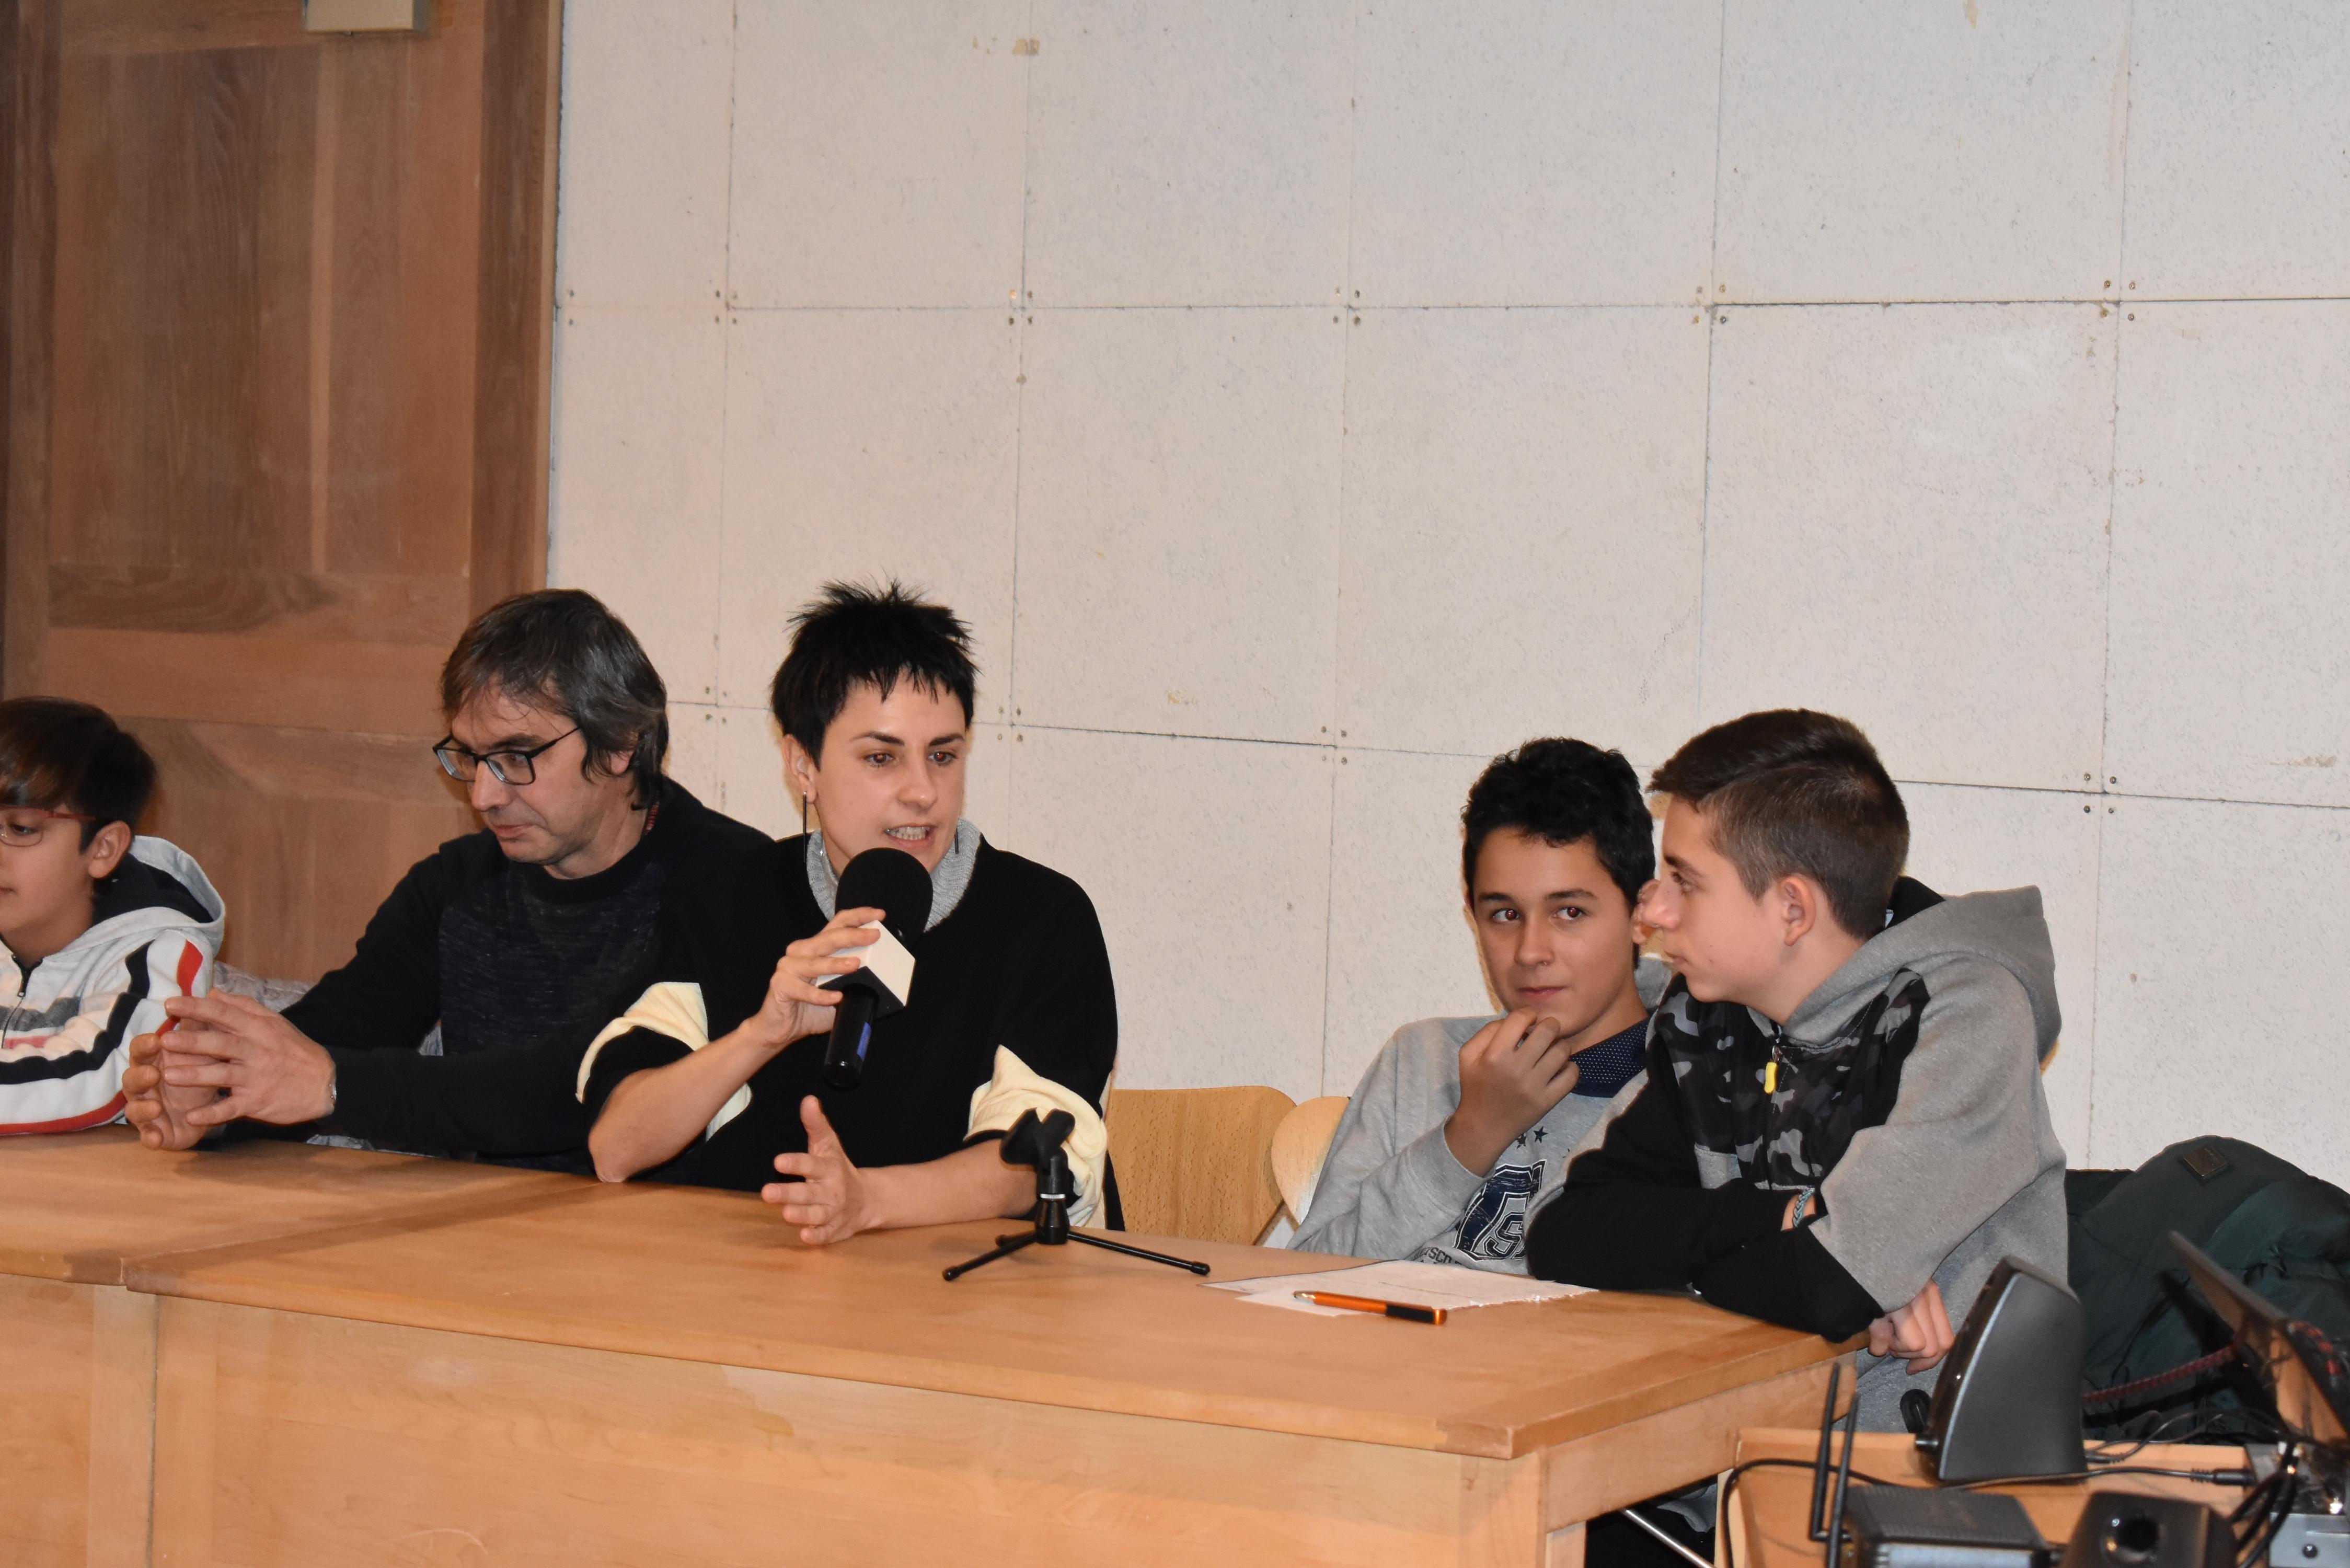 Entrevista a Carioca y Juanvi dos  apasionados creativos de la literatura infantil. Miembros de La Sal, impulsora del  I Salón del libro infantil y juvenil